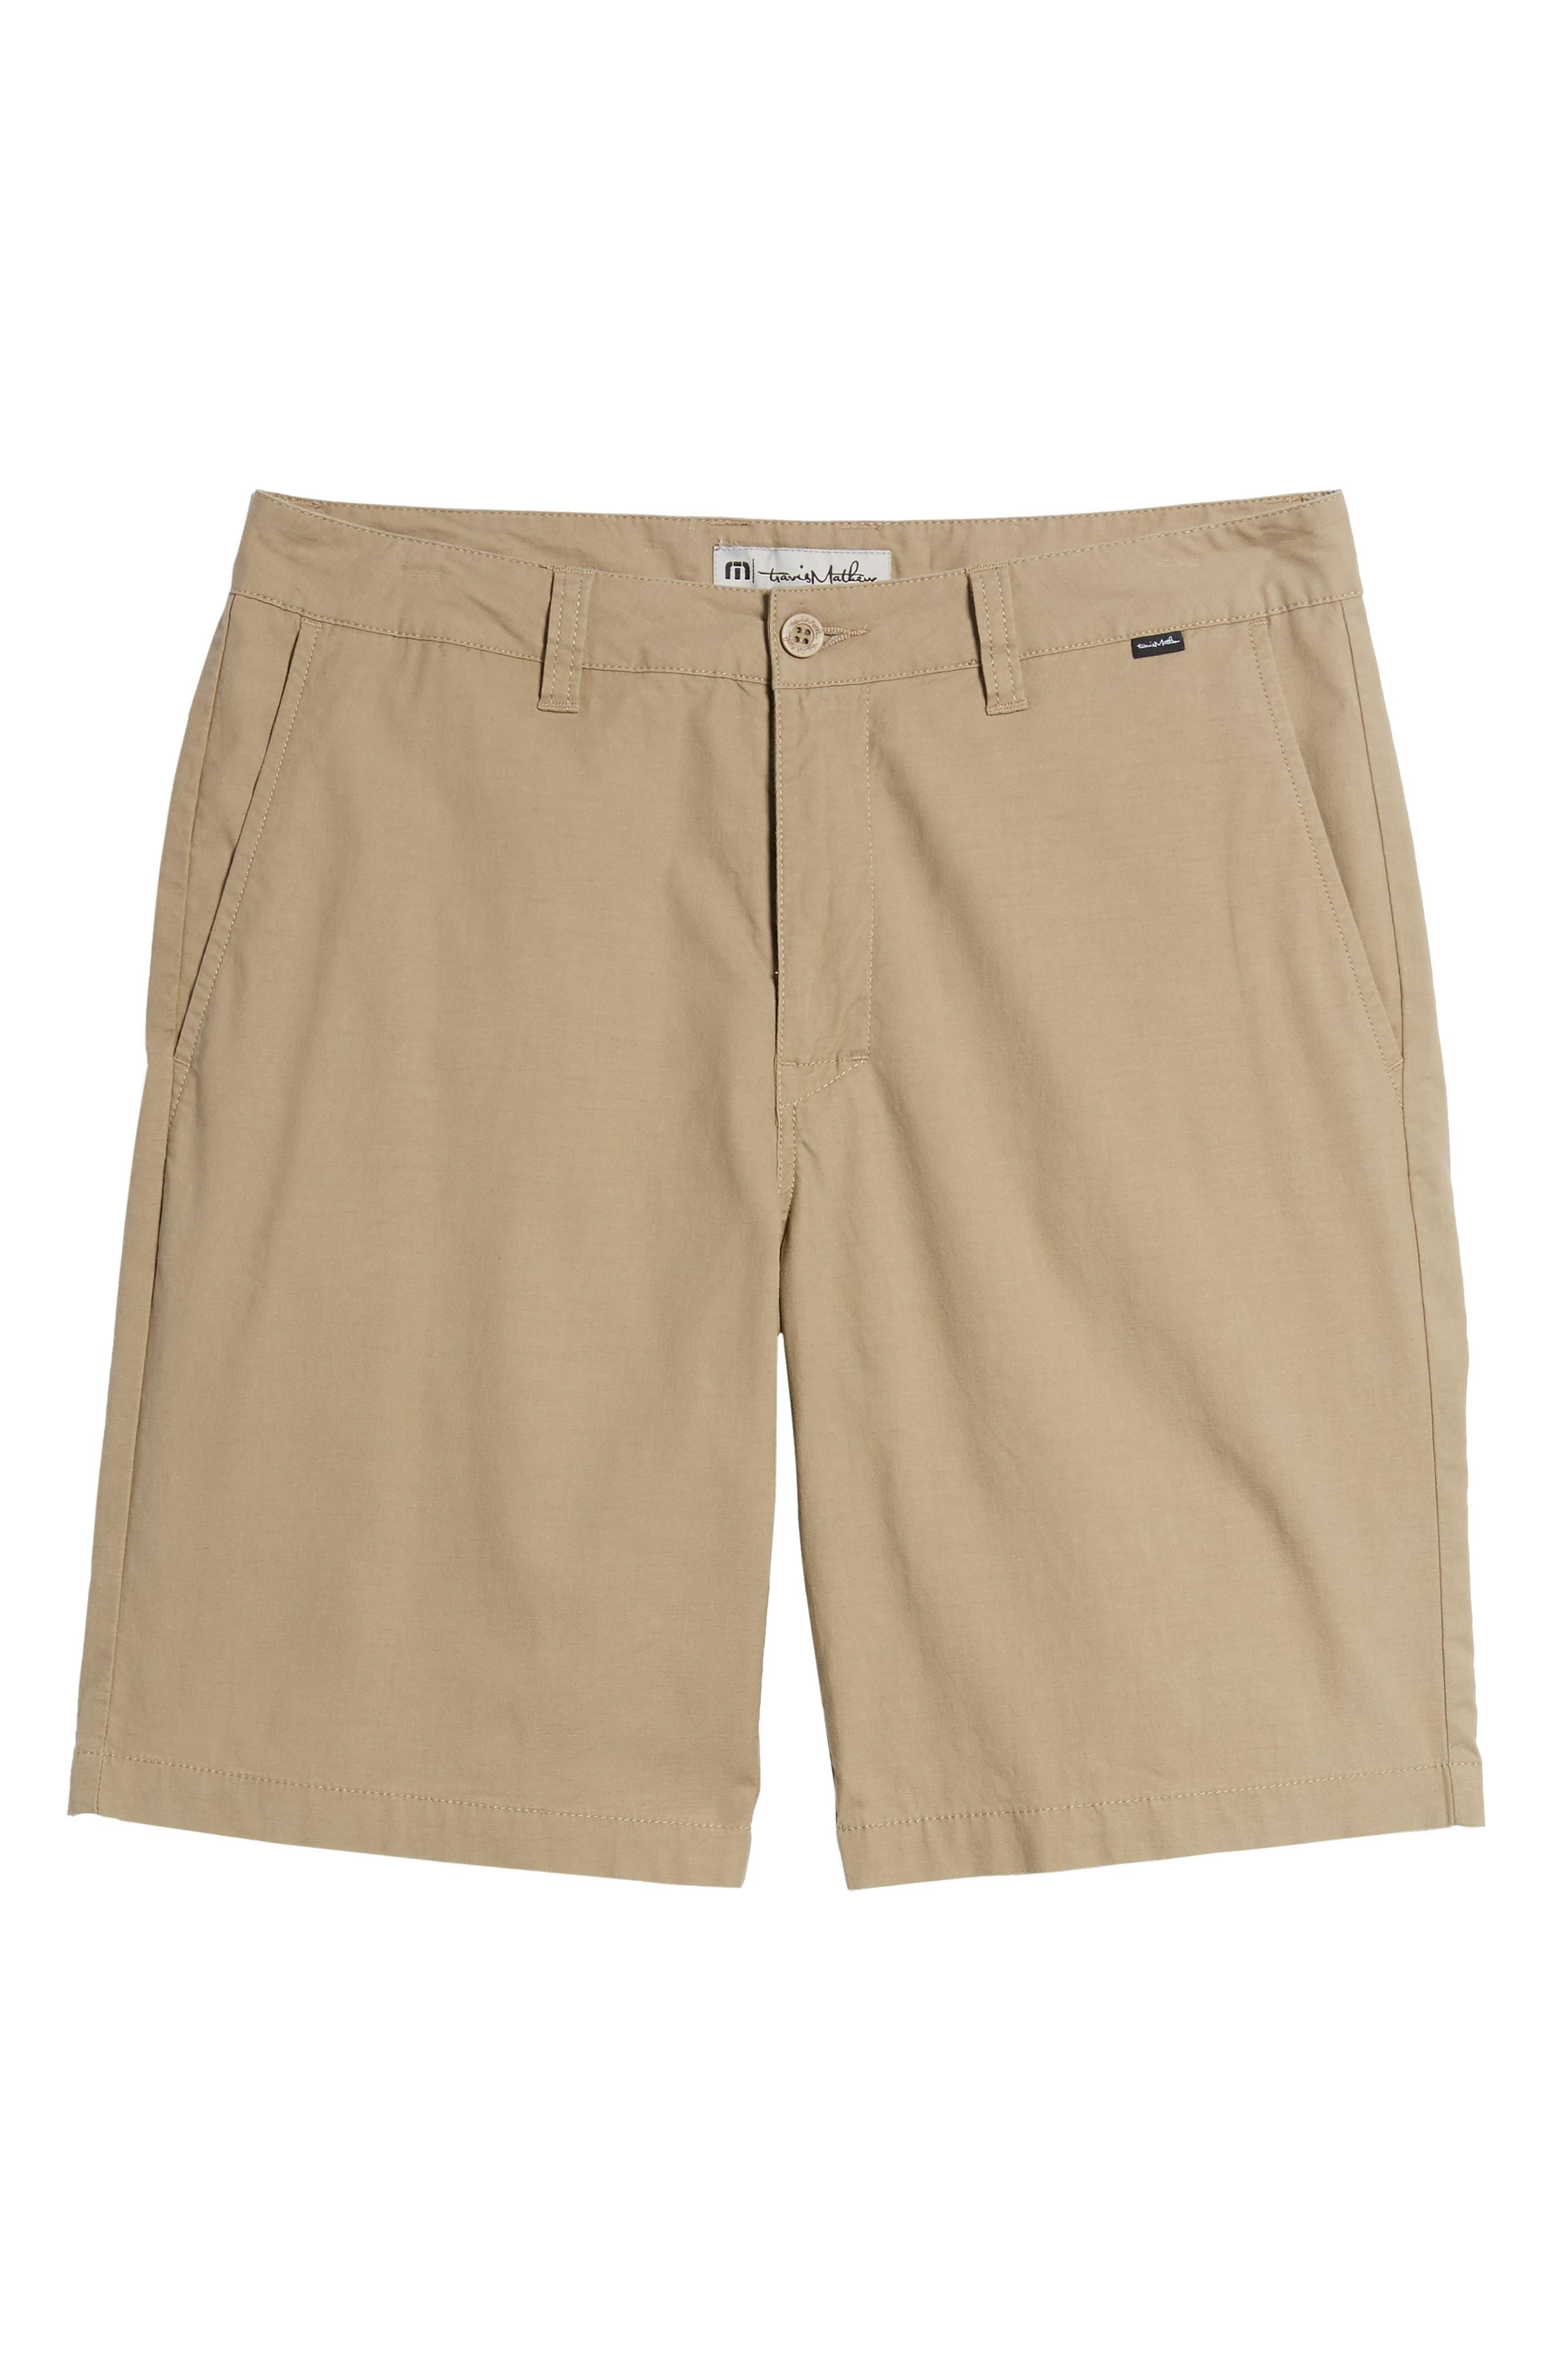 Huntington Shorts,                             Alternate thumbnail 6, color,                             Khaki